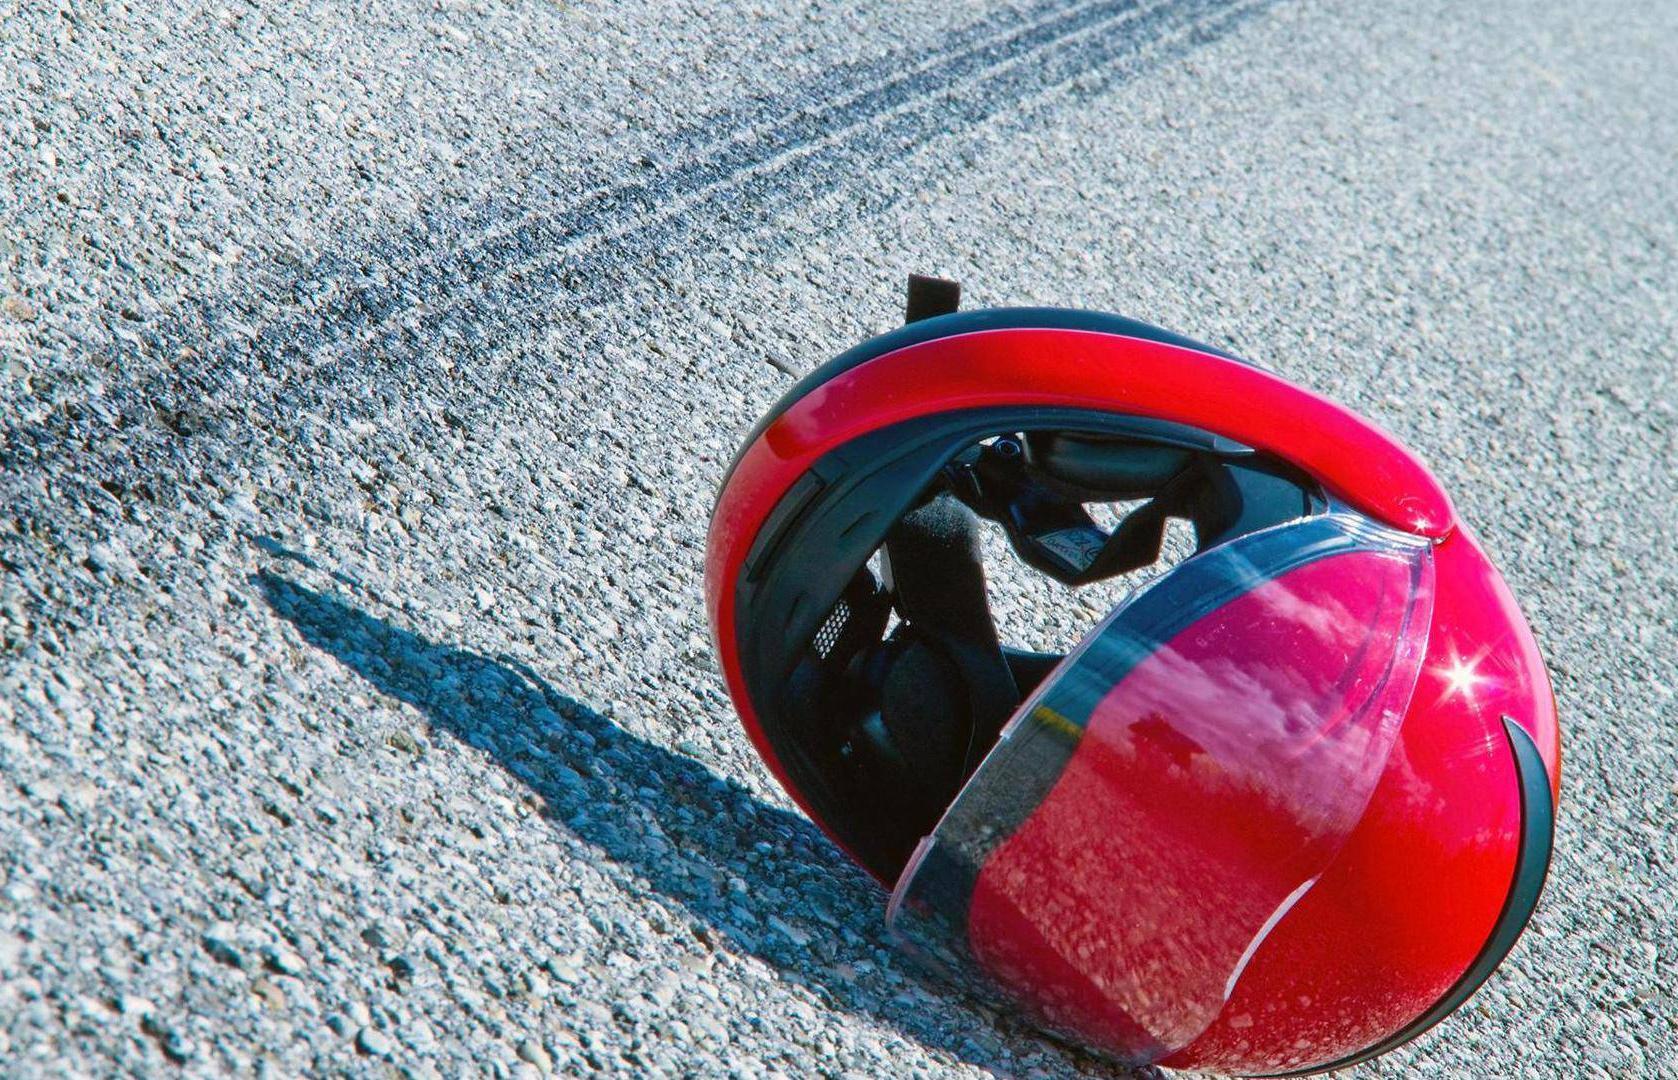 В Твери Москвич 2141 врезался сзади в мотоцикл - новости Афанасий